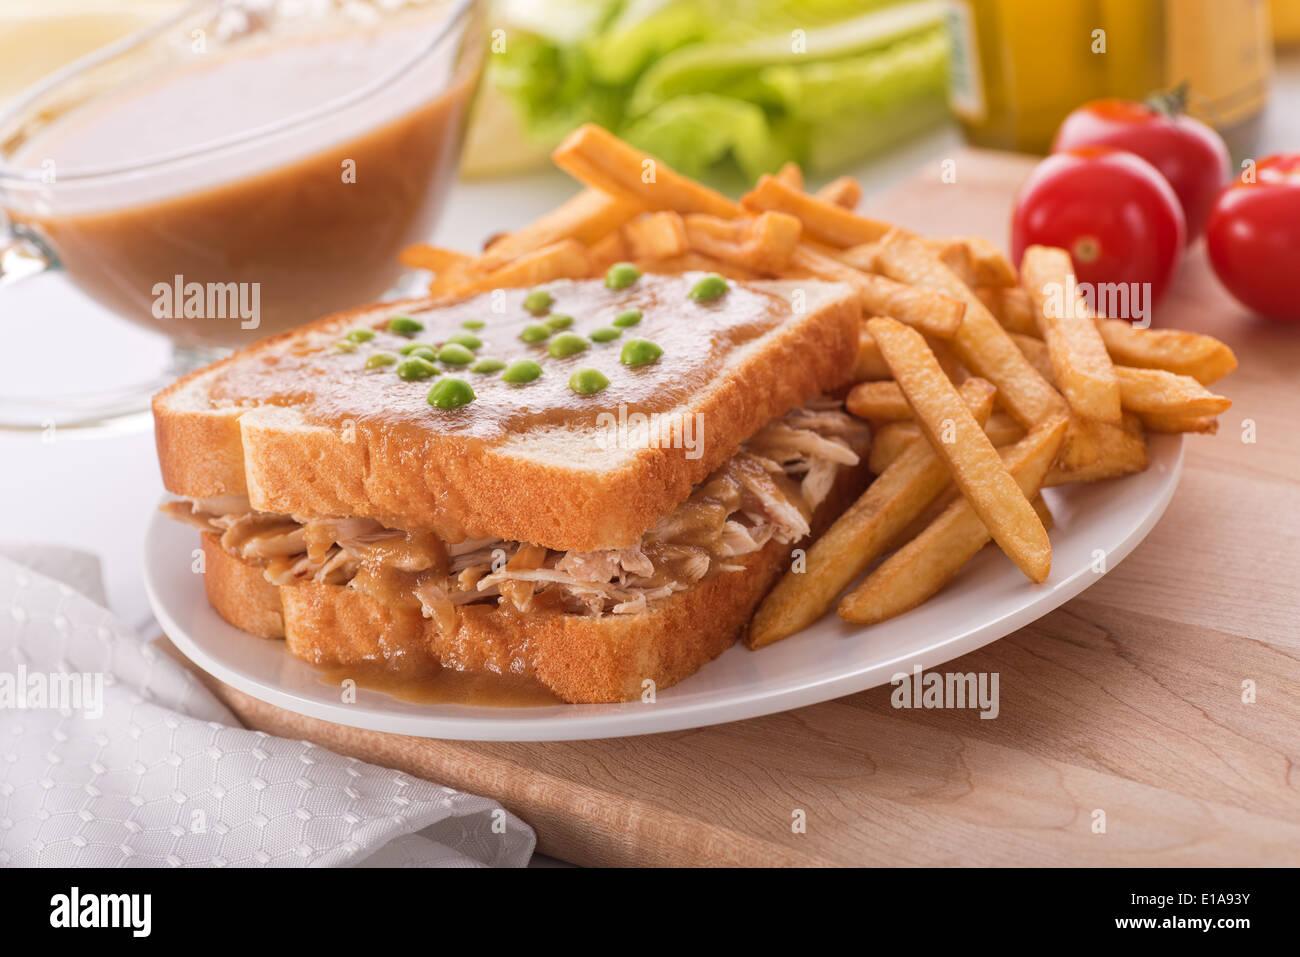 Una deliziosa hot Sandwich di tacchino con salsa verde, piselli e patatine fritte. Immagini Stock